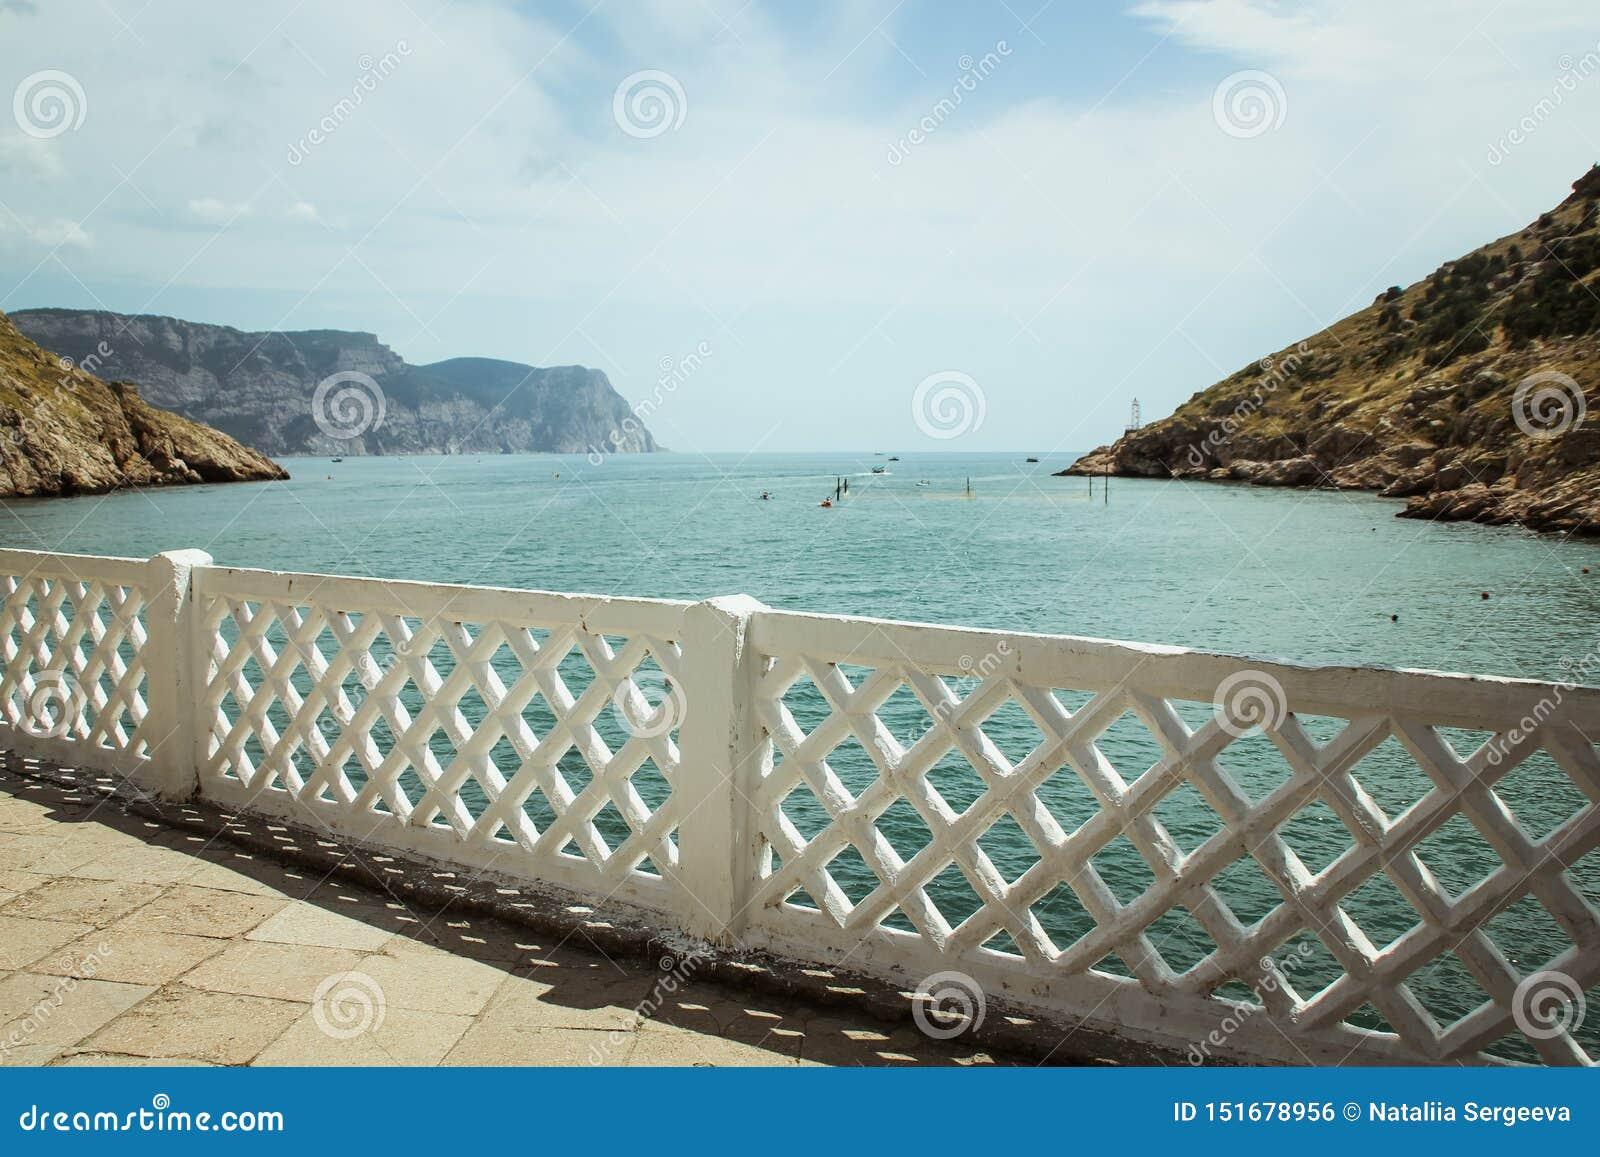 La bahía de Balaklava y las ruinas del arpicordio Genoese de la fortaleza Balaklava, Crimea La gente admira el mar